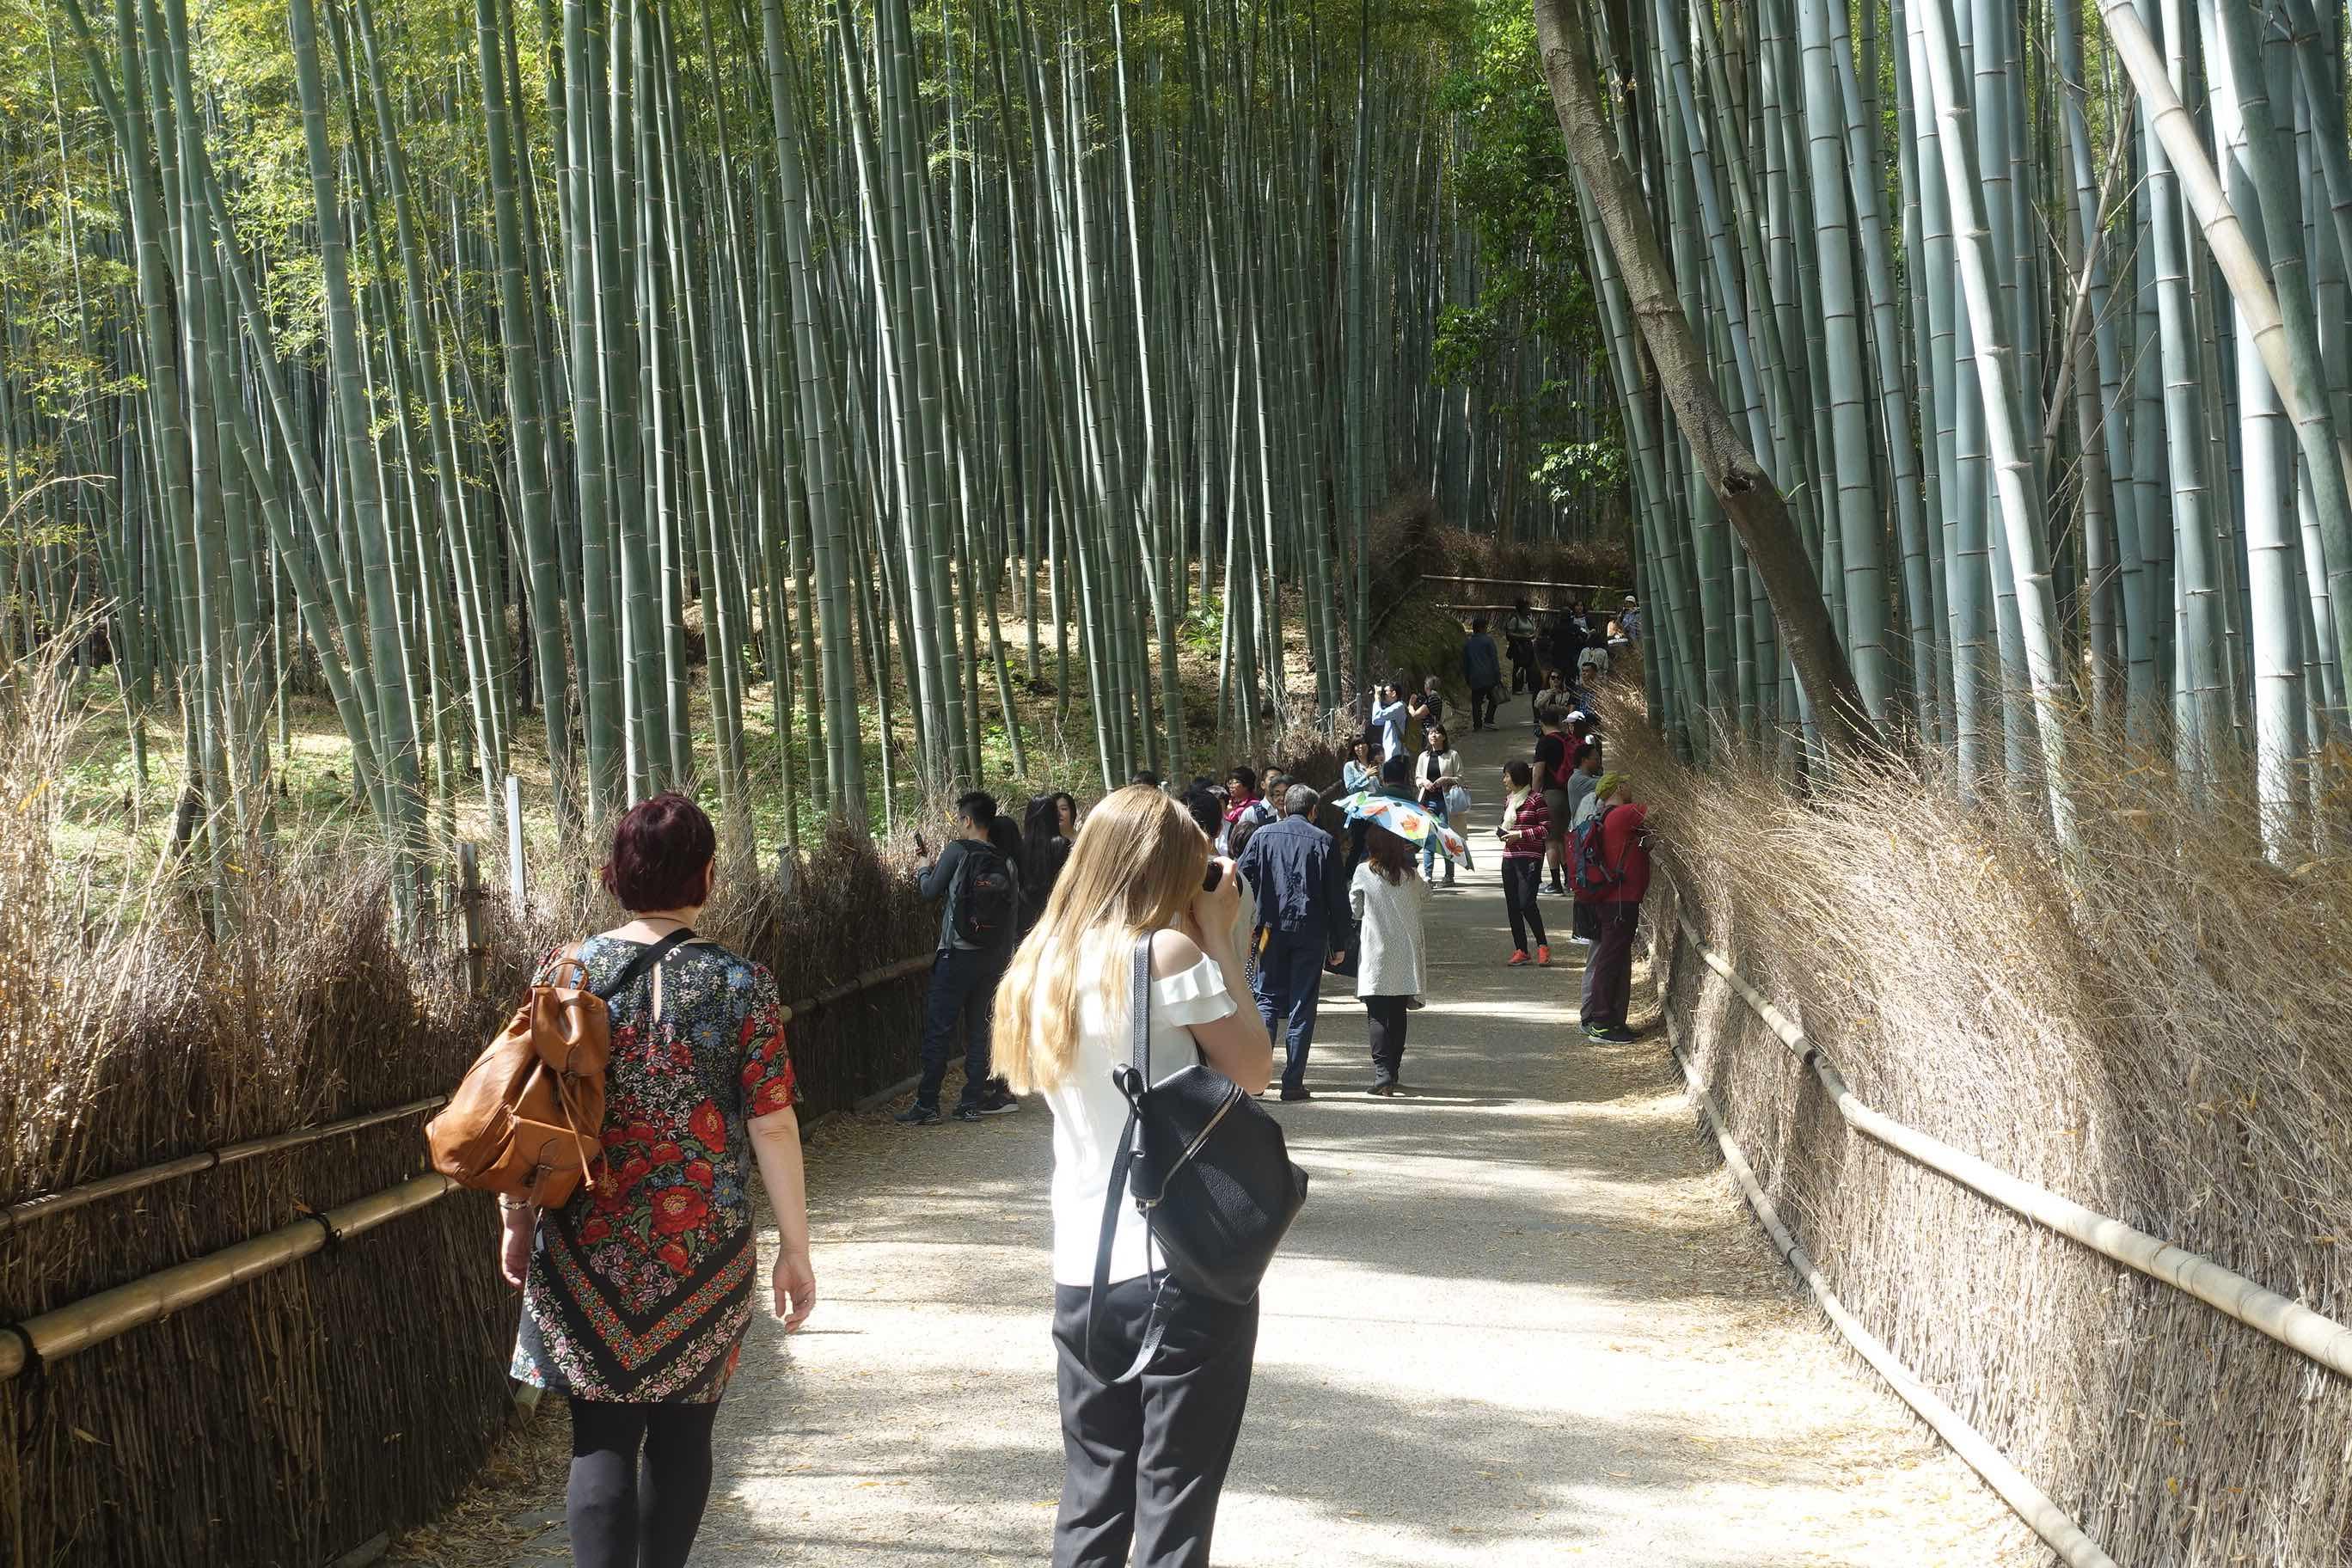 京都嵐山「オーバーツーリズム」対策の実証事業、混み具合の表示で分散化の結果に、訪問時間・場所の変更も顕著